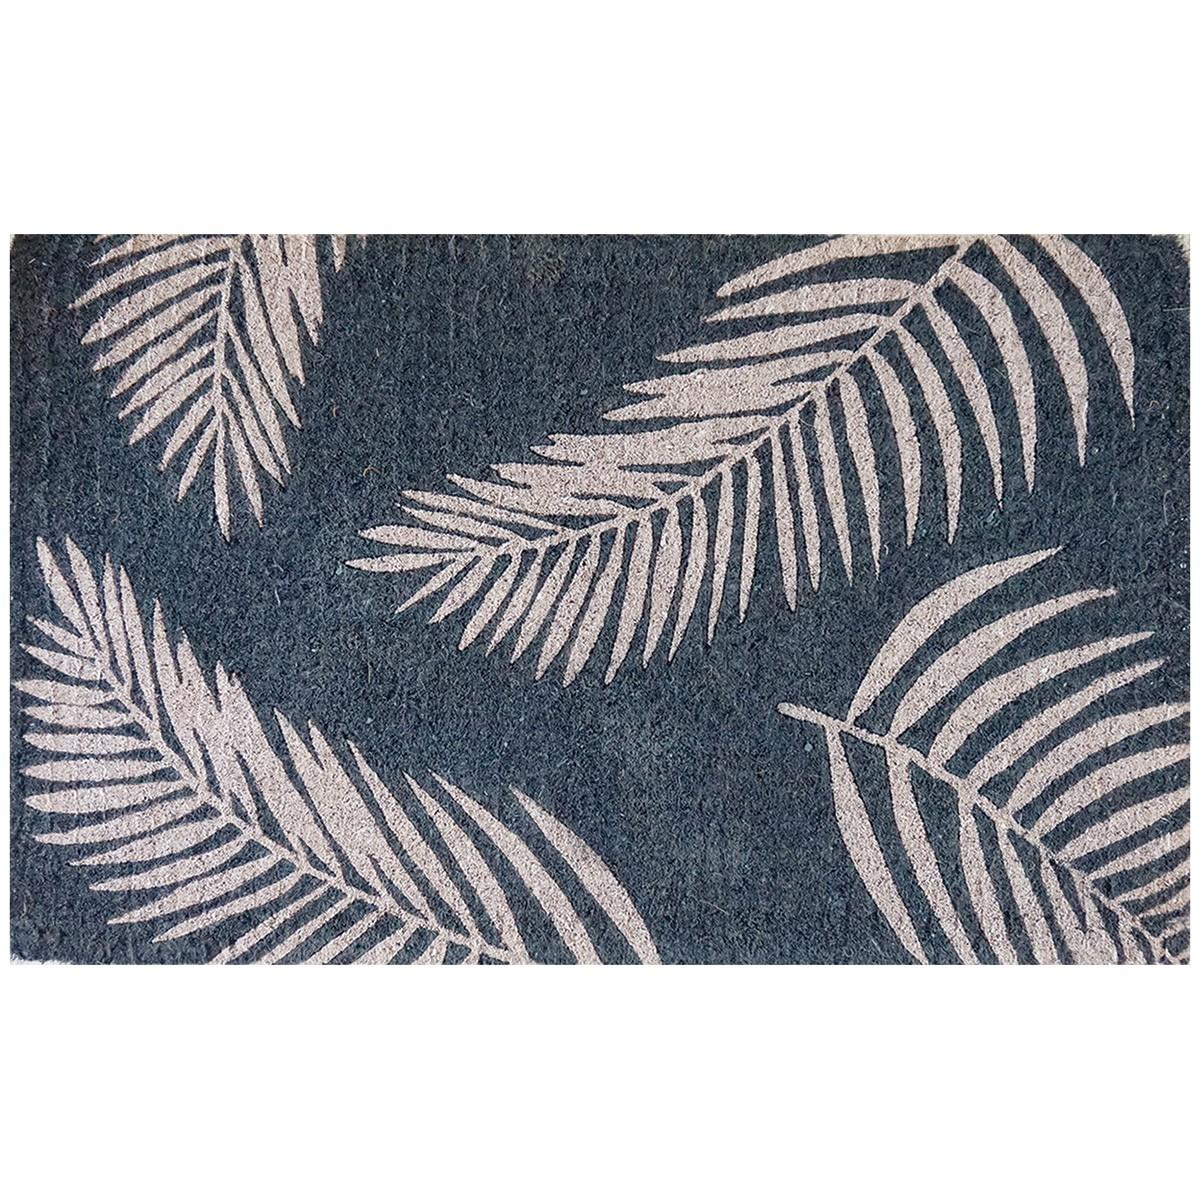 Fern Premium Handwoven Coir Doormat, 80x50cm